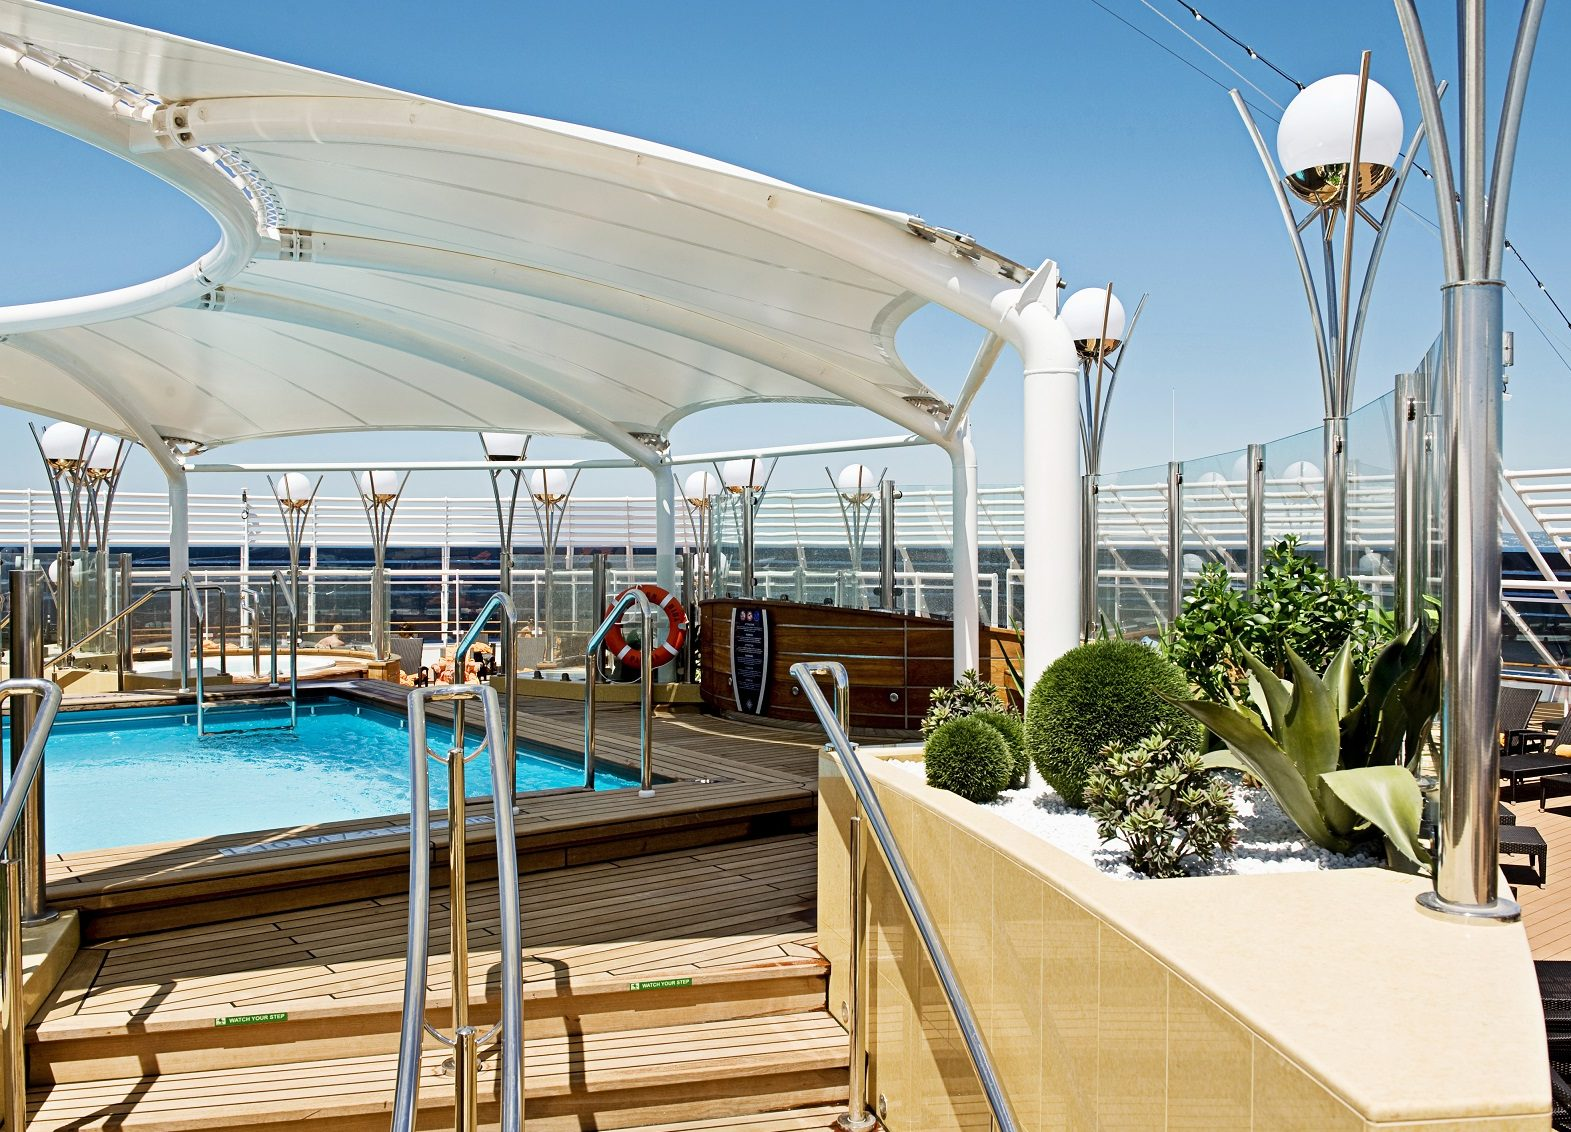 MSC Splendid pool area